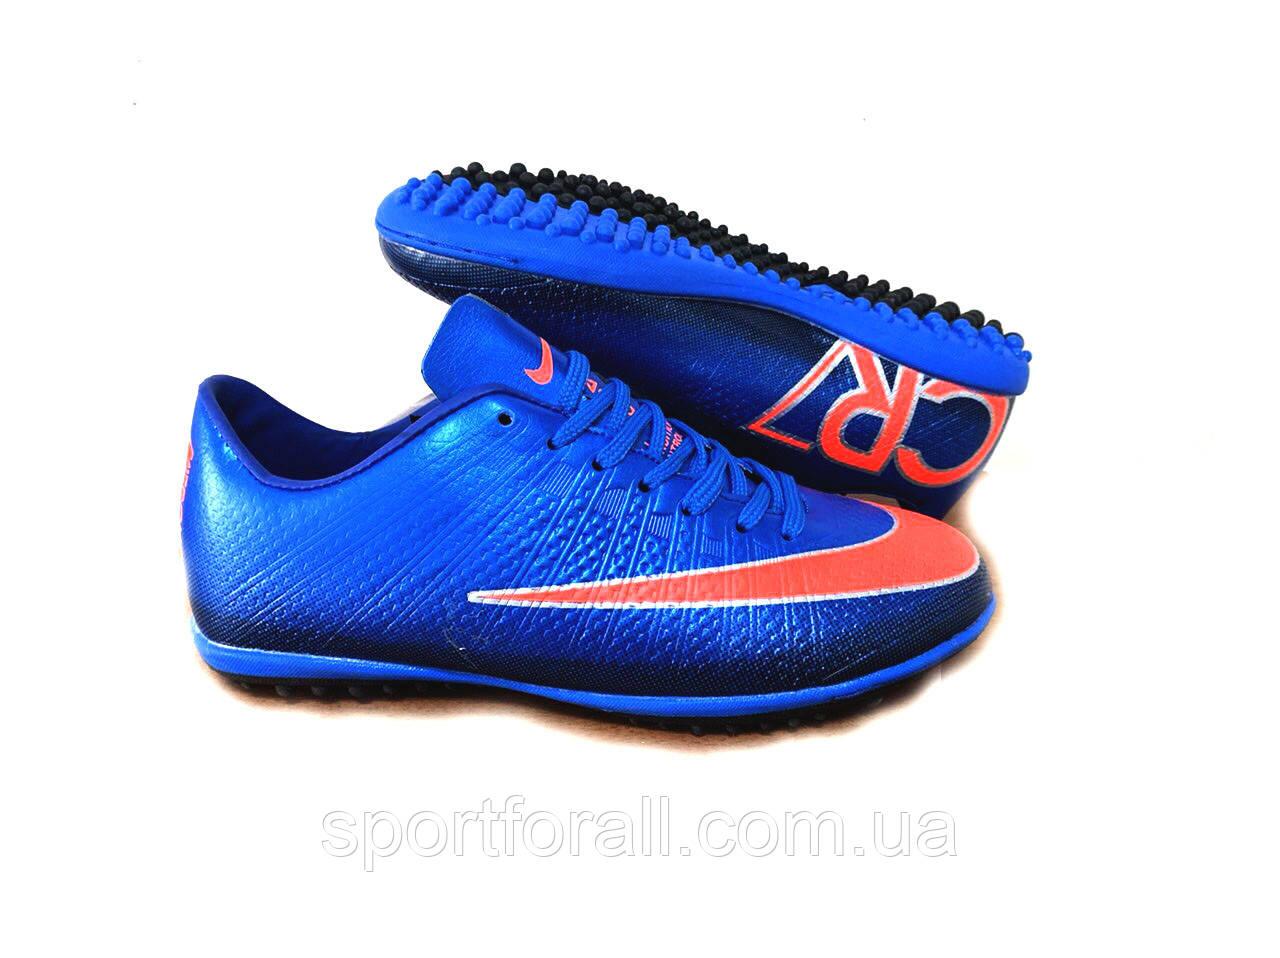 Сороконожки Nike Mercurial  р.38,39 CR7-1